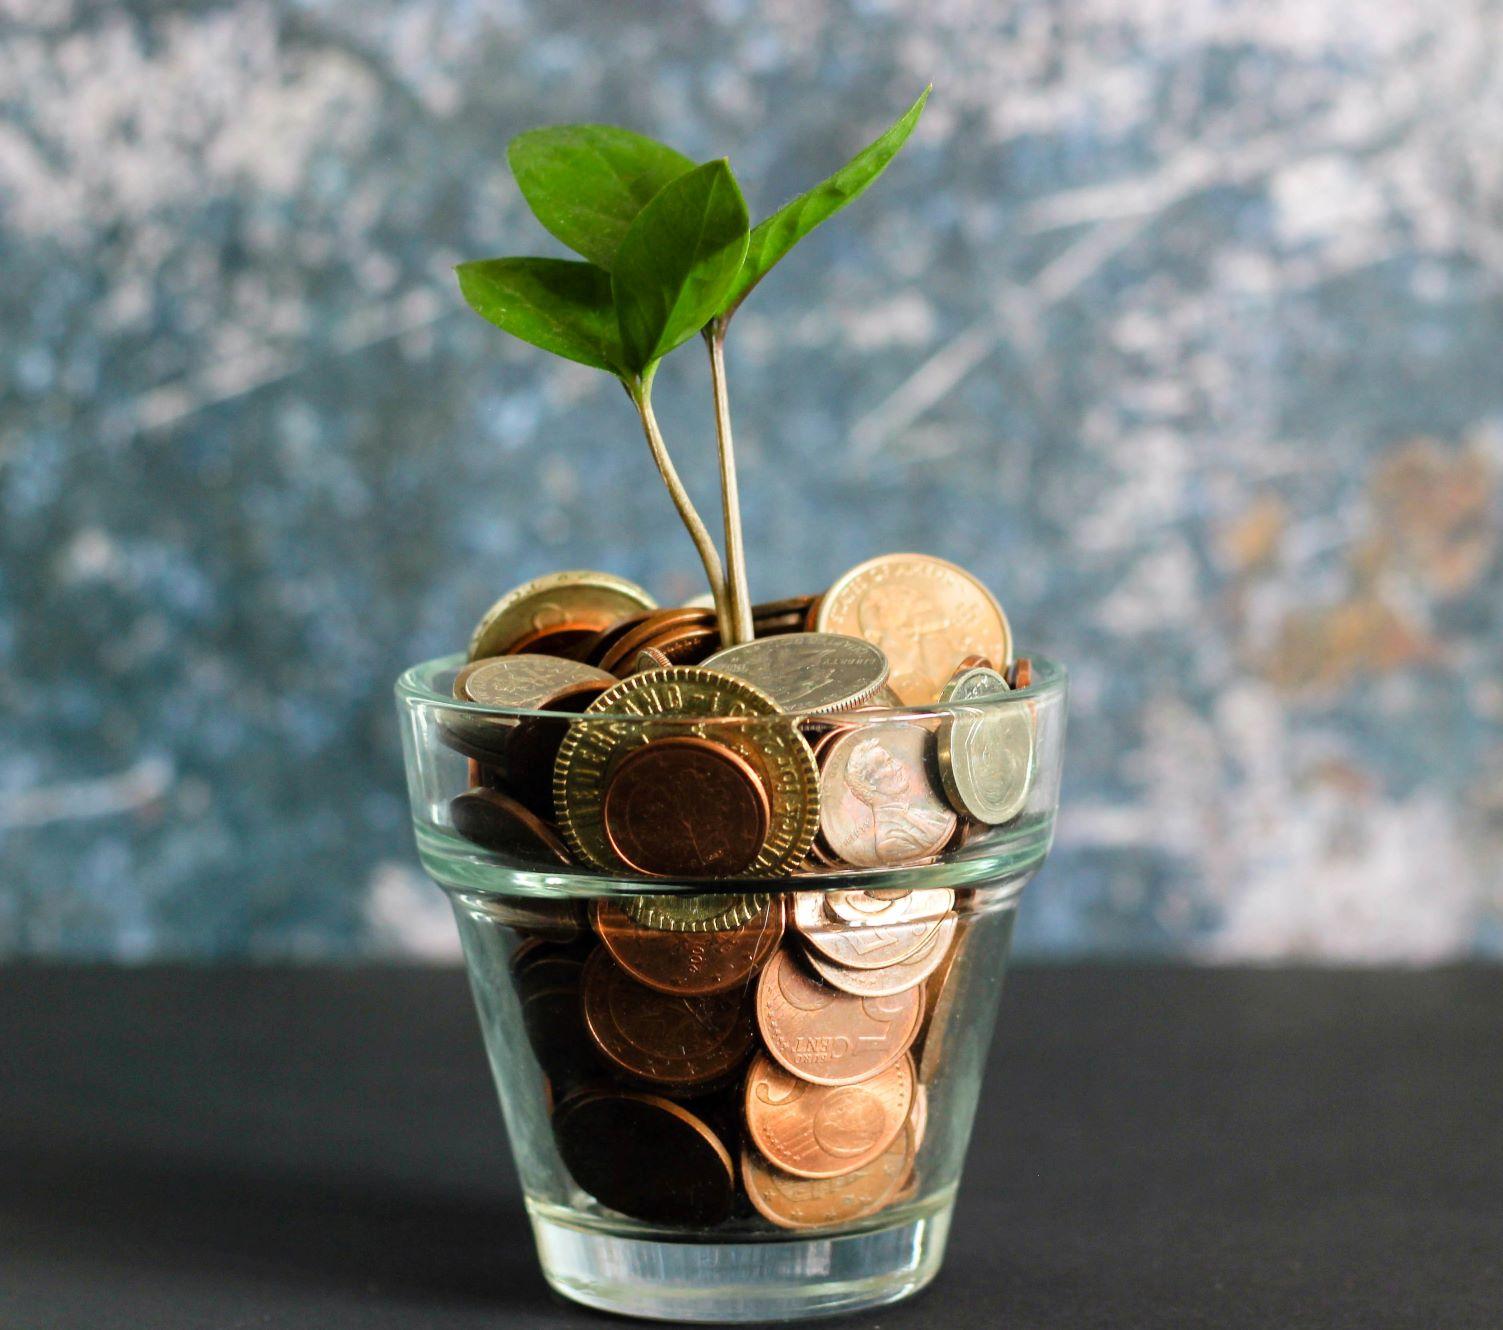 Keimling aus dem mit Münzen befüllten Töpfchen